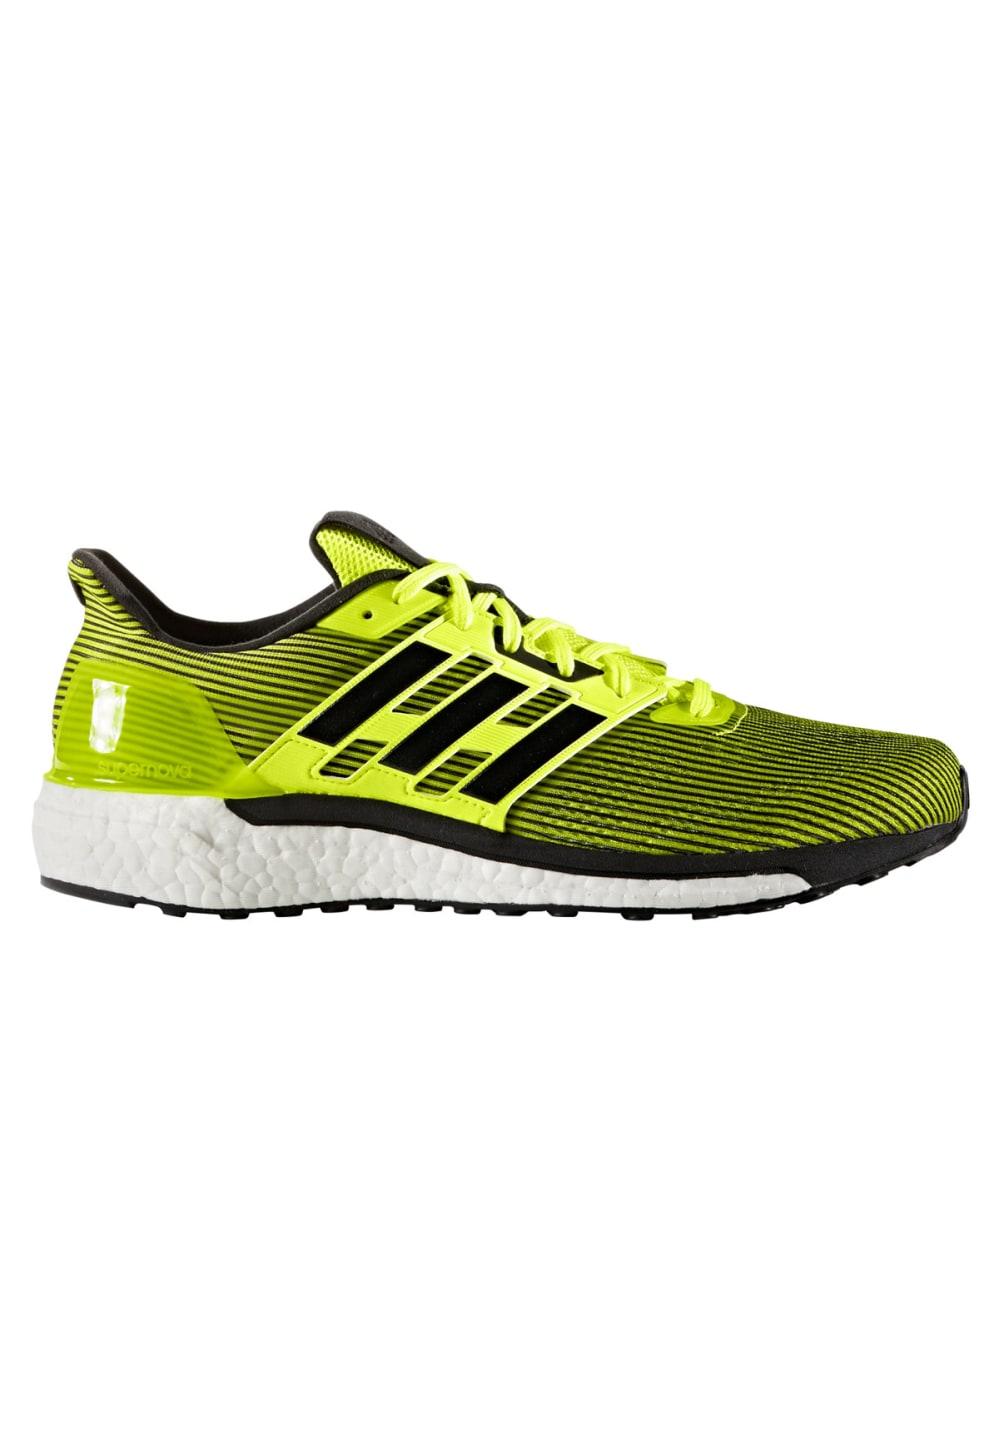 adidas Supernova - Laufschuhe für Herren - Gelb